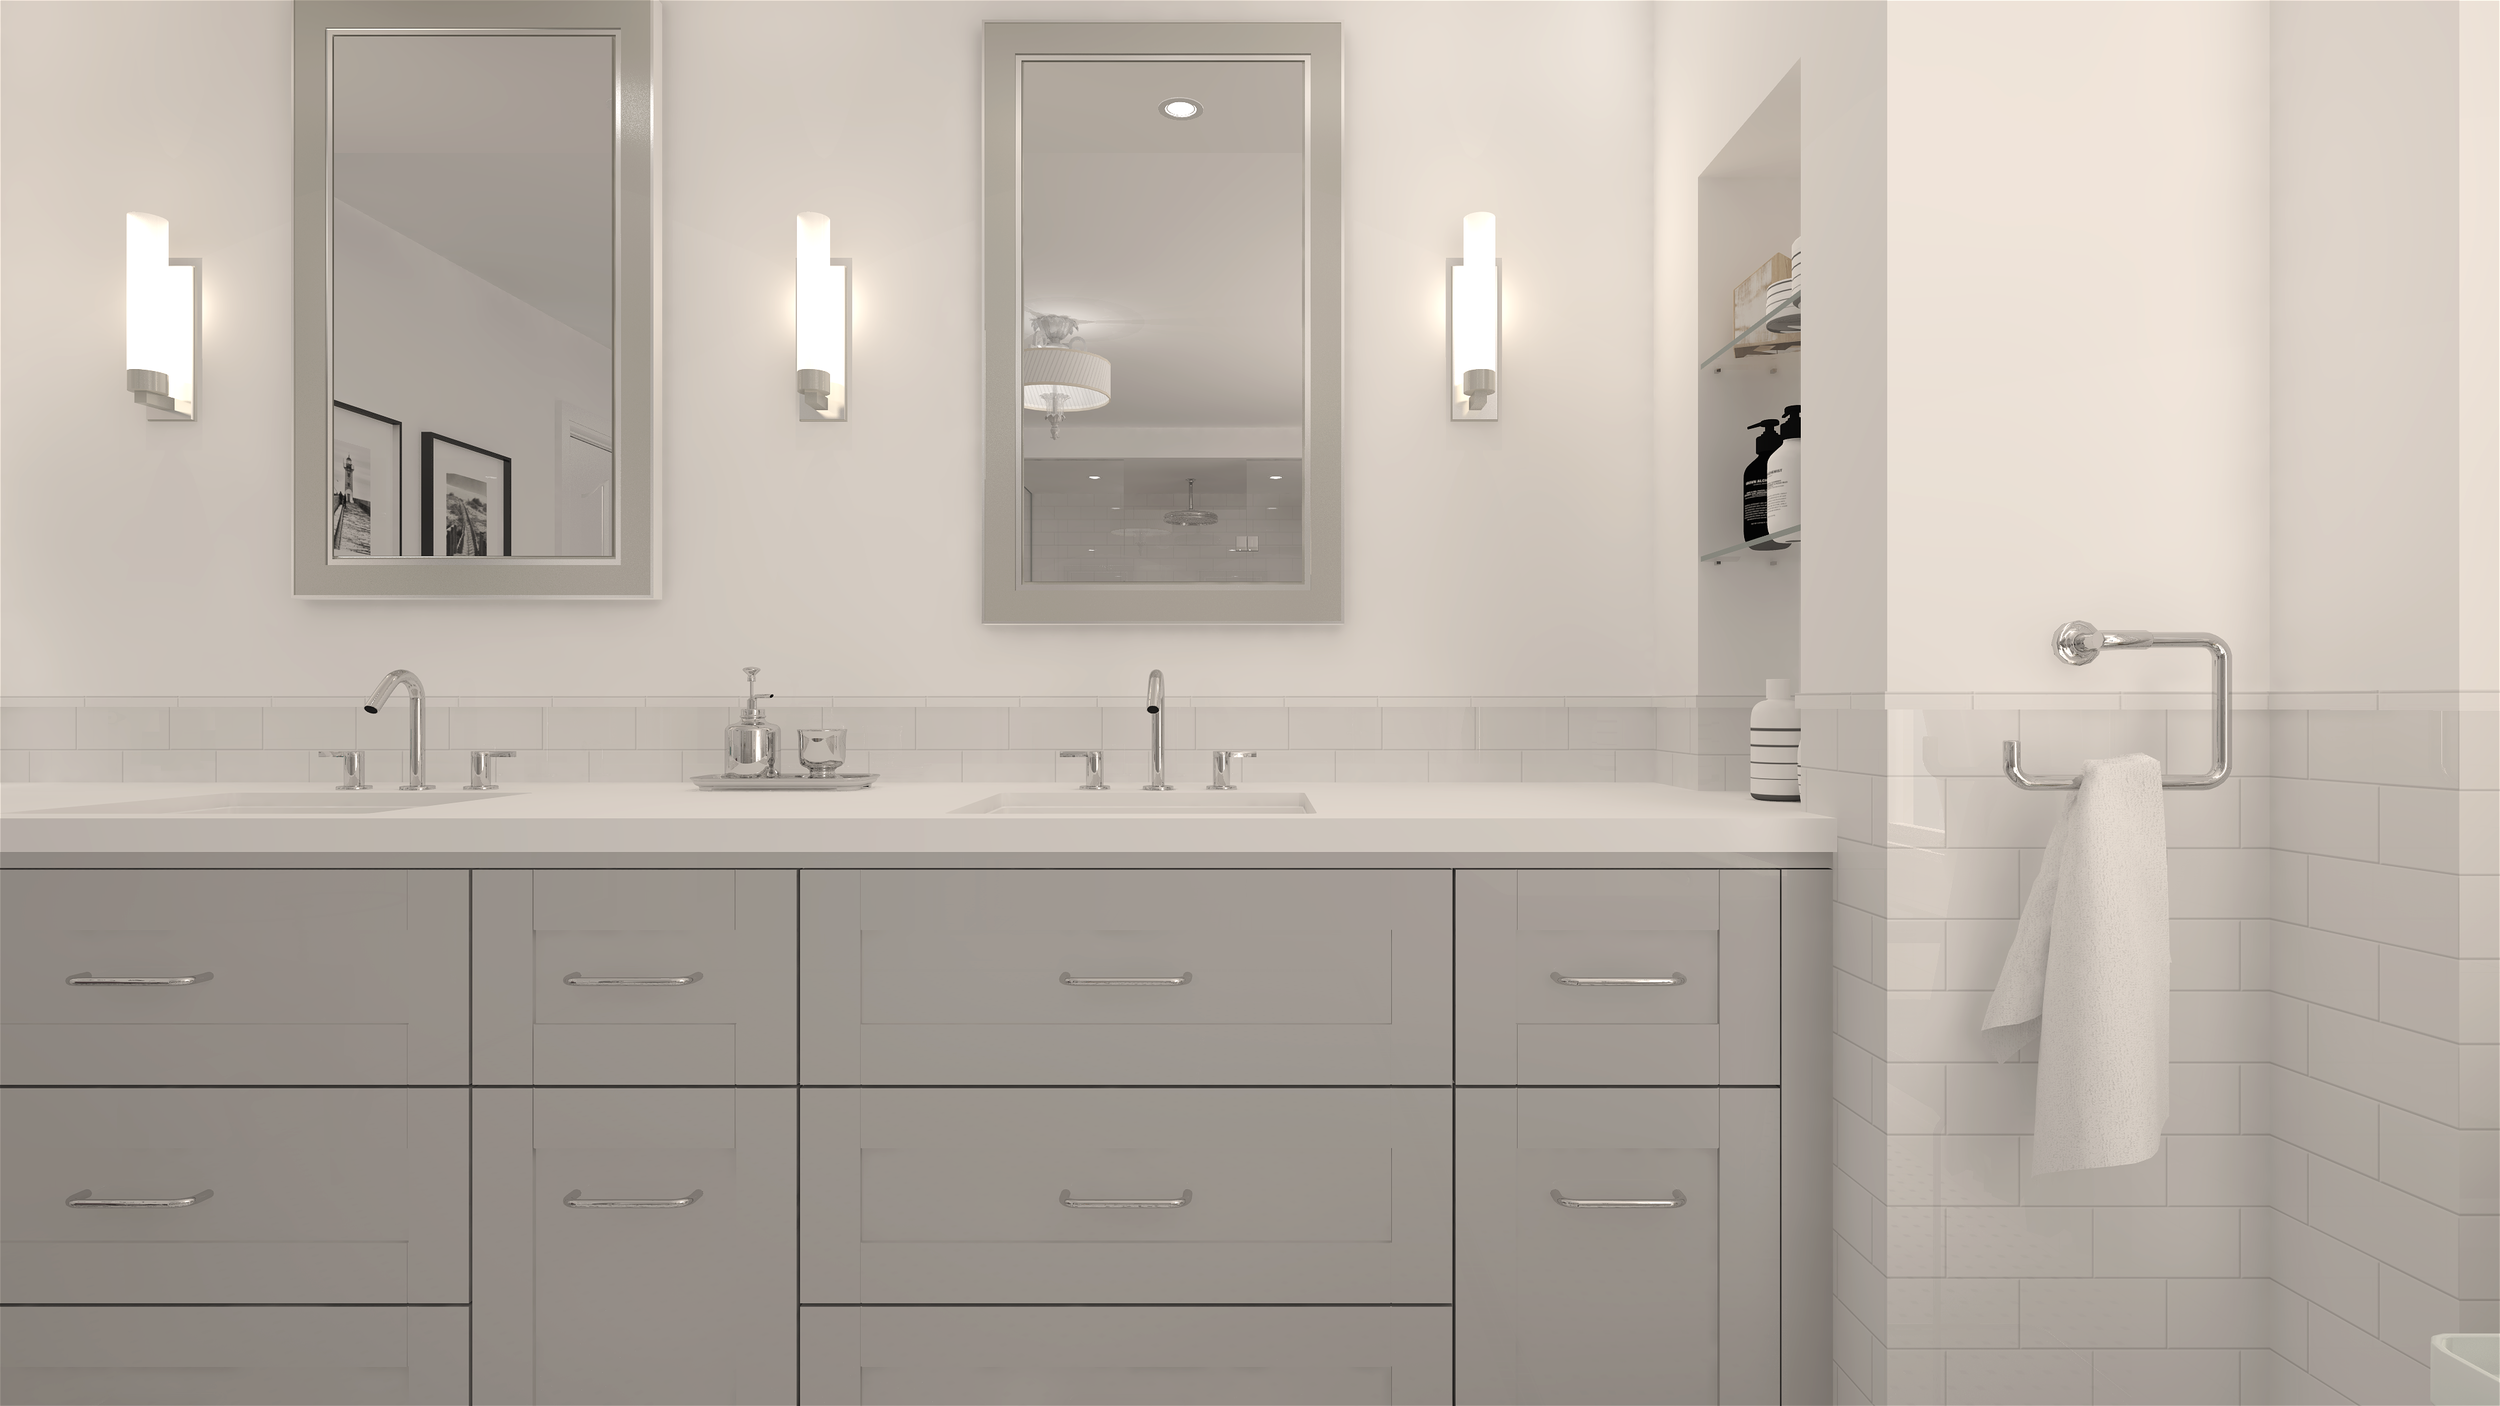 deSousaDESIGN_Bathroom_Classic_Ensuite_V1f_3840x2160.png